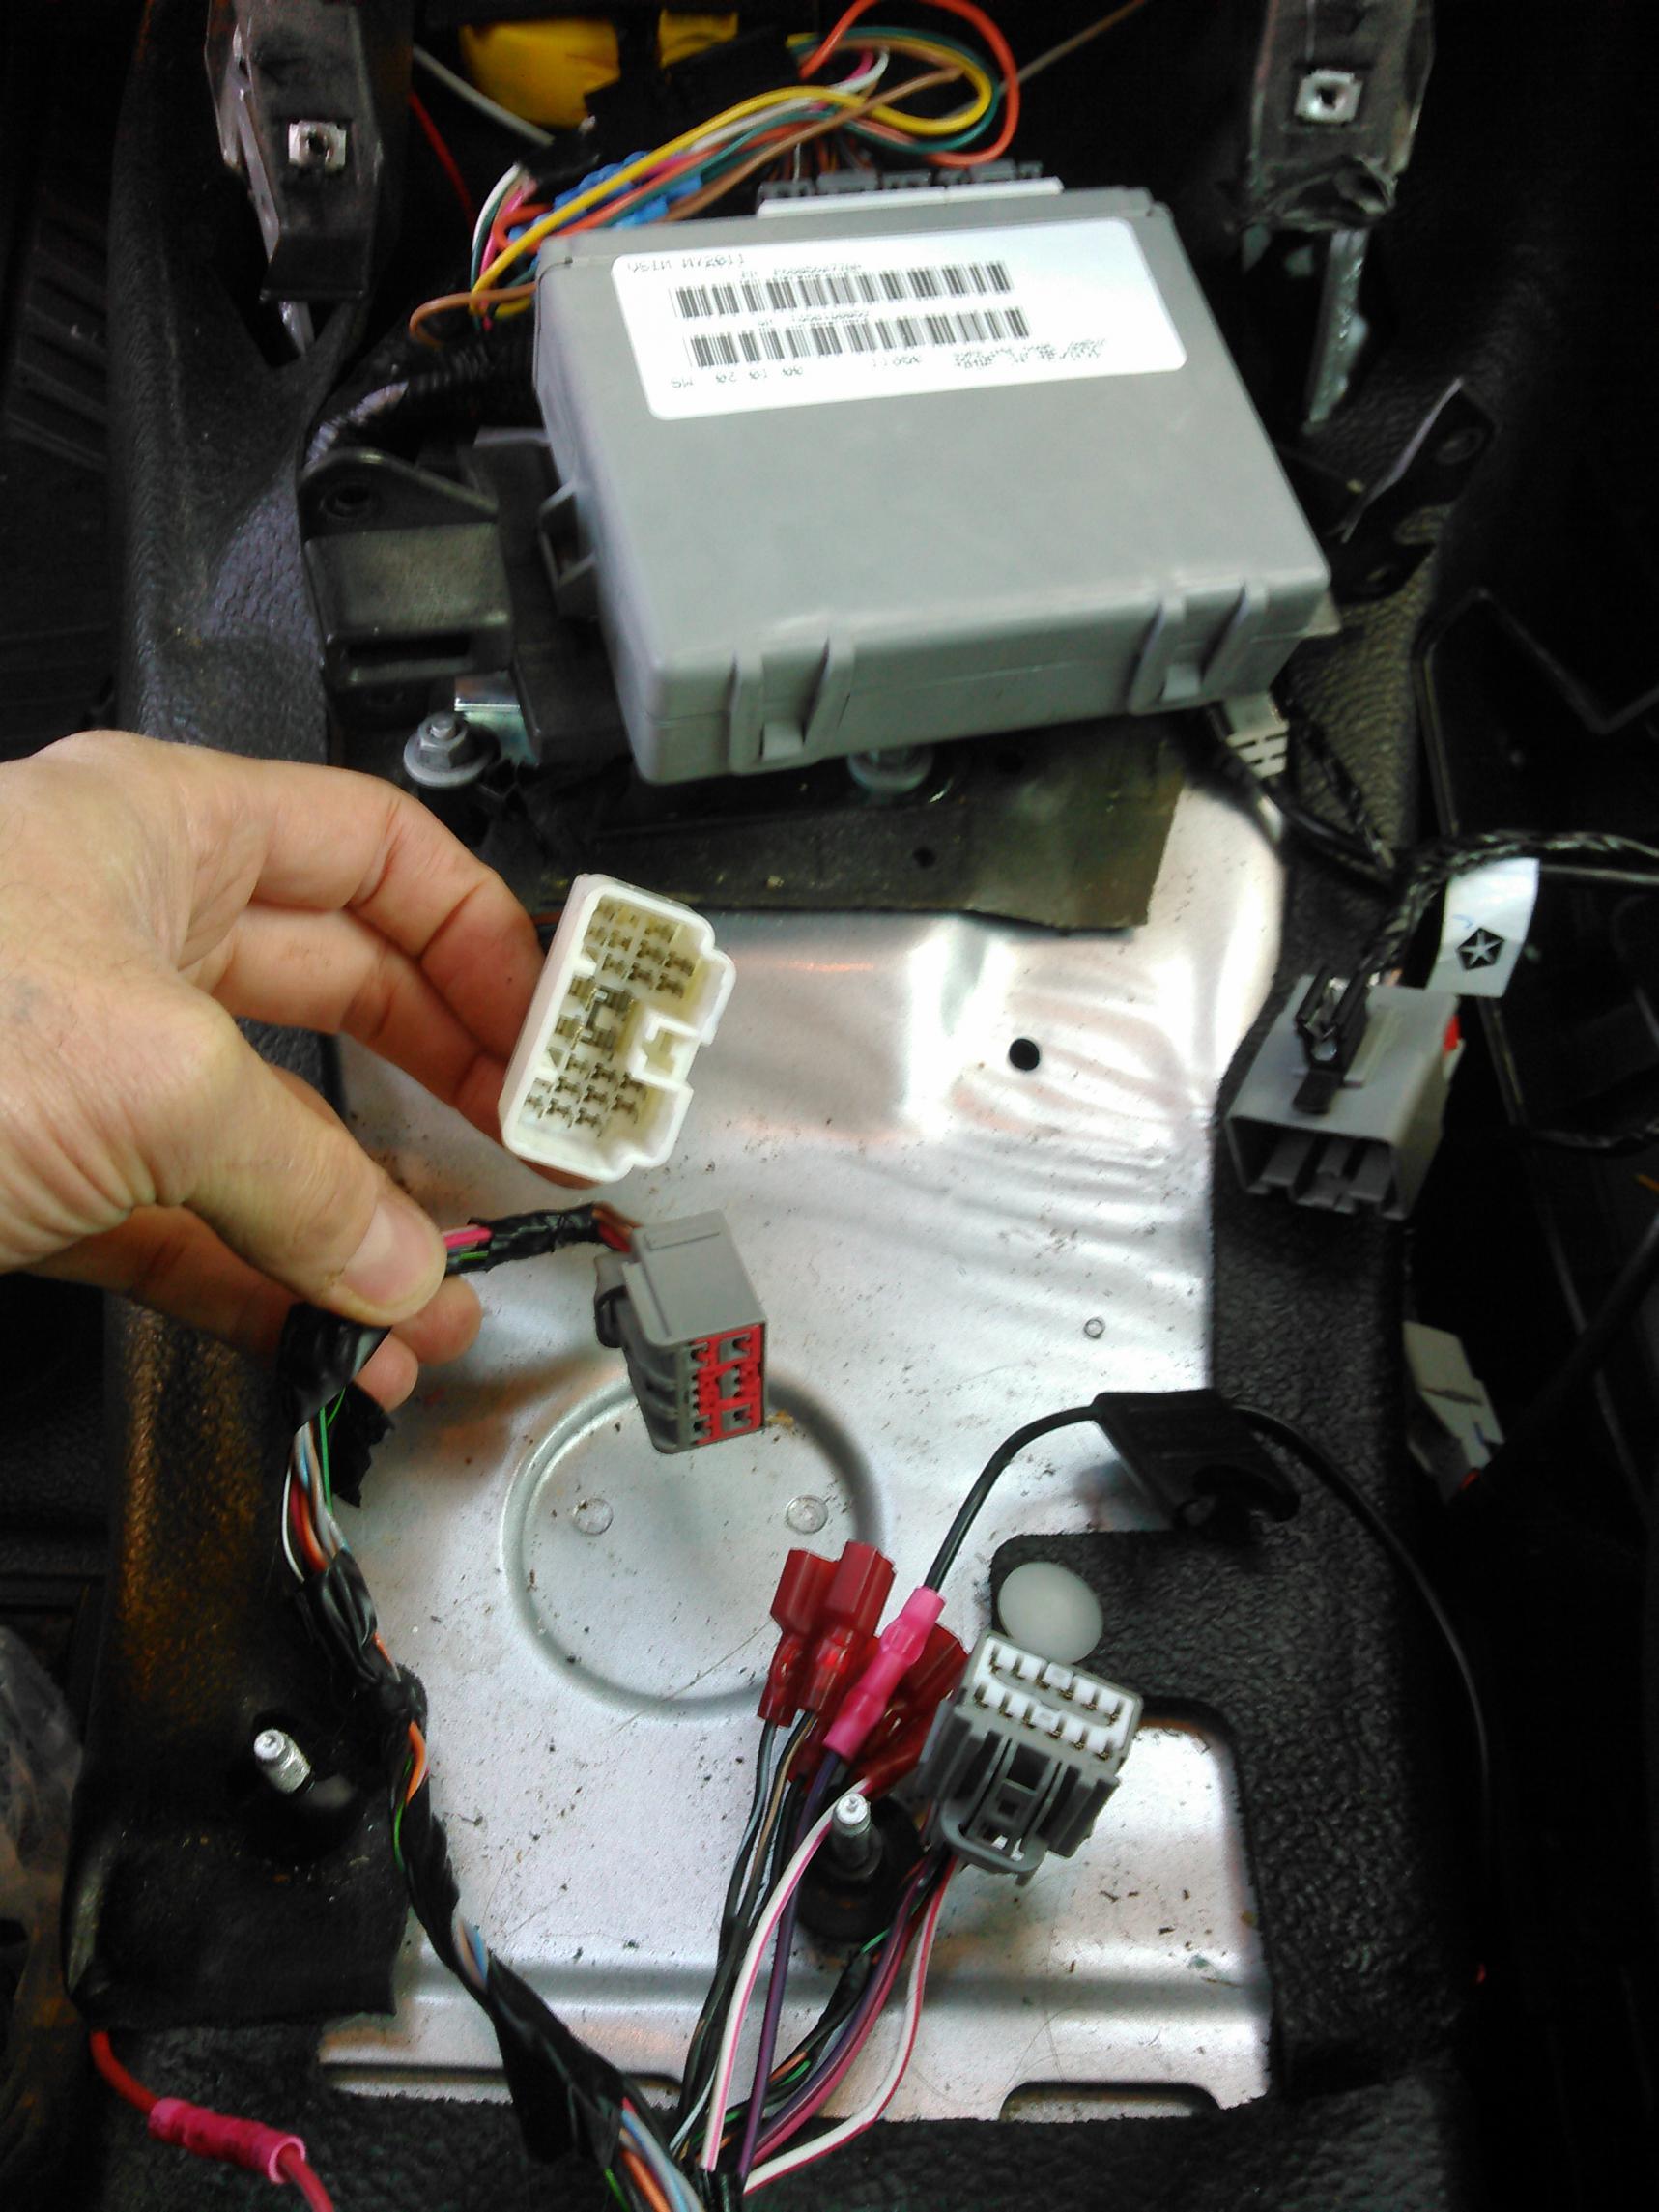 [SCHEMATICS_48DE]  2012 Pursuit ~ Civilian console retrofit project. | Charger Forums | Dodge Charger Police Wiring Diagram |  | Charger Forums